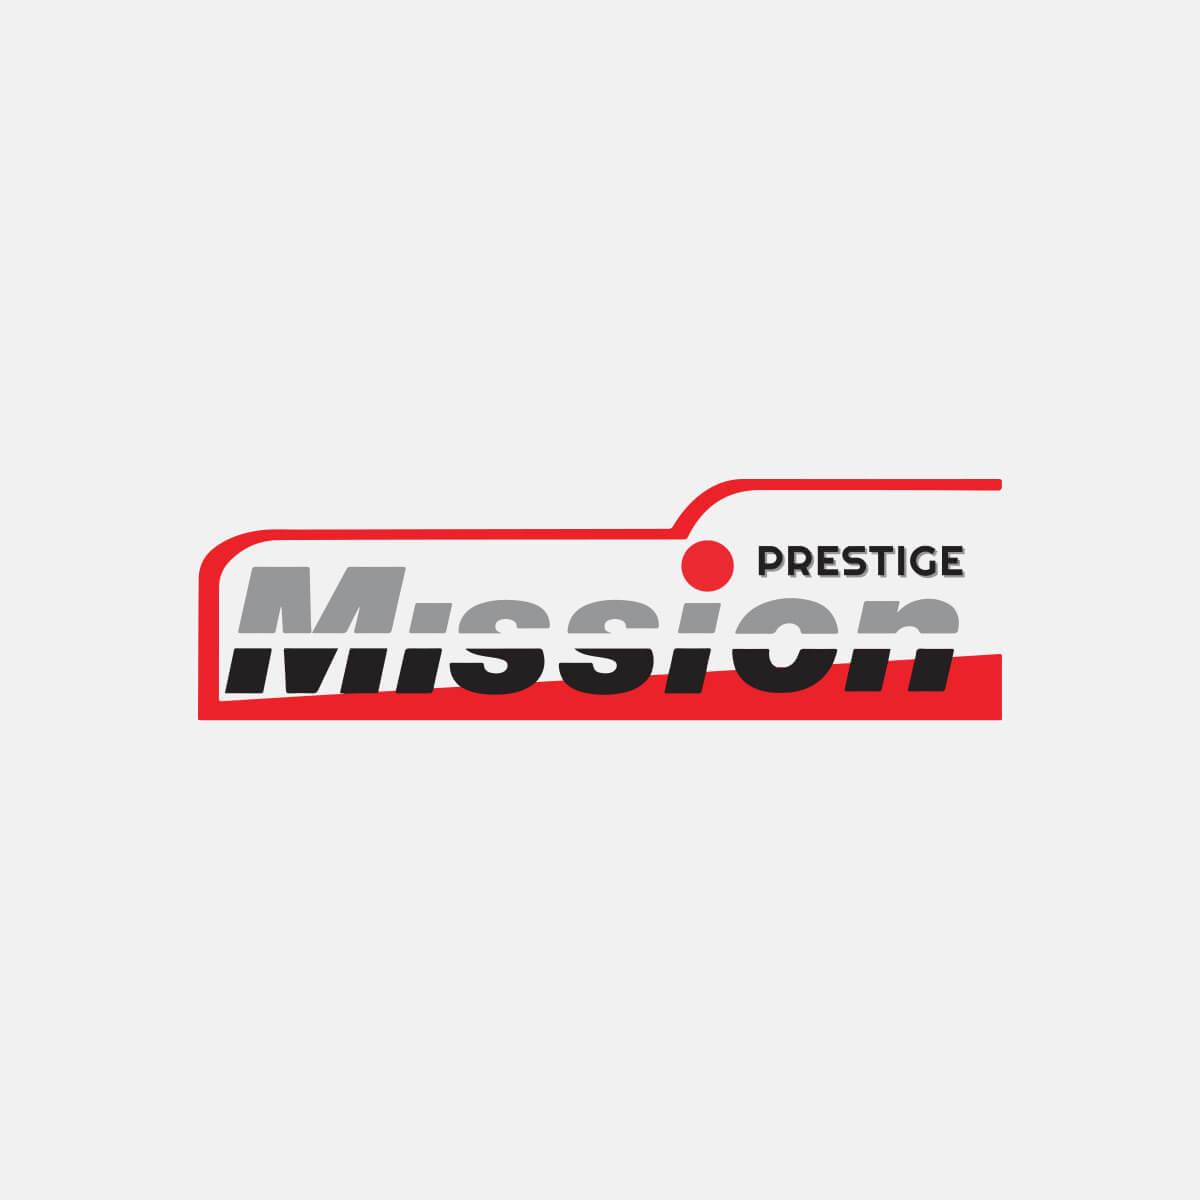 Mission Prestige Website Design